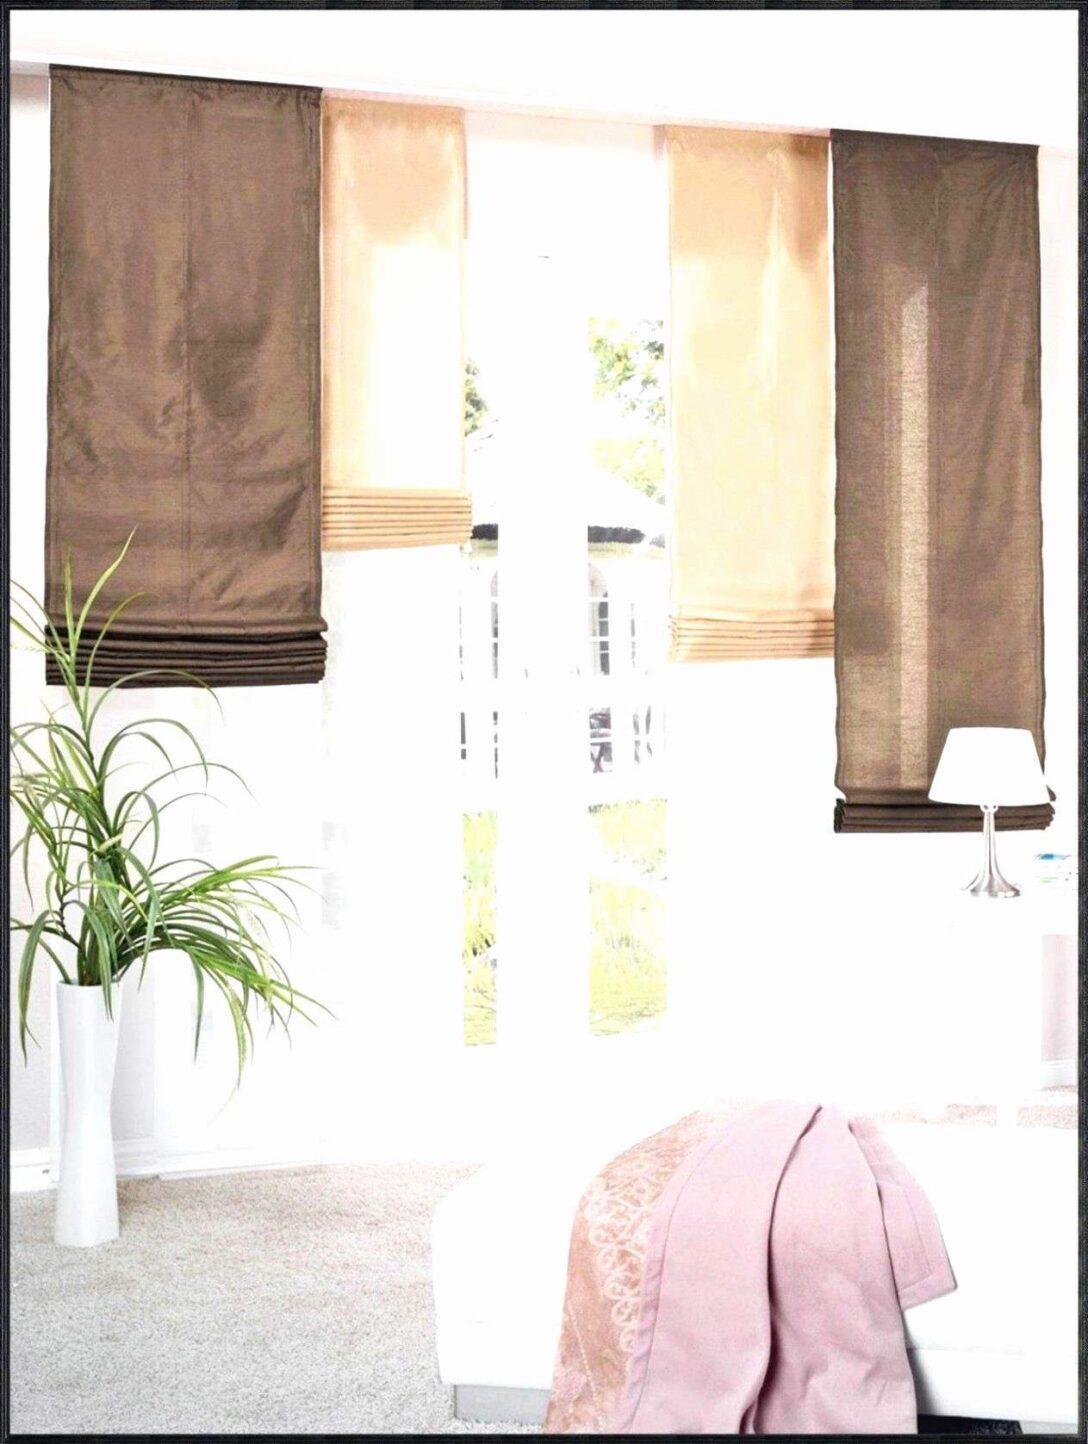 Large Size of 27 Einzigartig Edle Gardinen Wohnzimmer Genial Frisch Led Deckenleuchte Deckenlampe Schrank Deckenlampen Dekoration Rollo Tisch Sessel Teppich Komplett Wohnzimmer Edle Gardinen Wohnzimmer